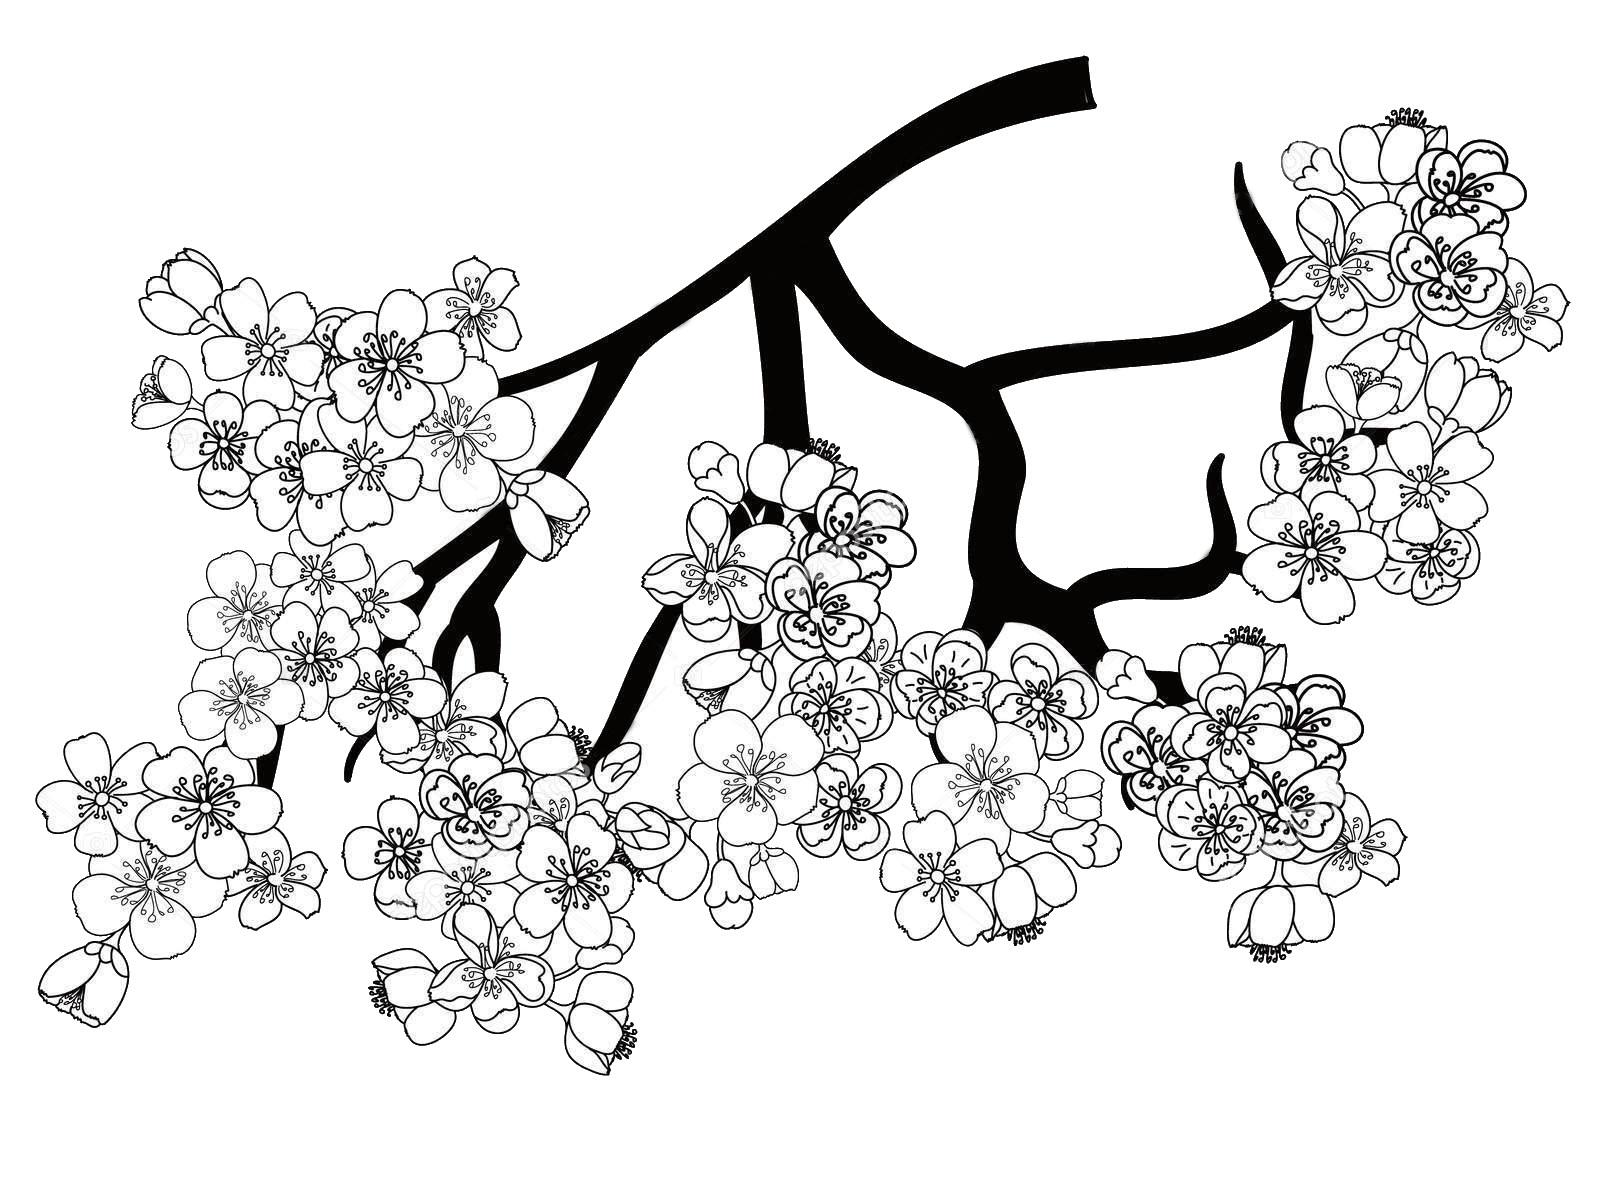 Tranh tô màu hoa đào đẹp, hấp dẫn nhất